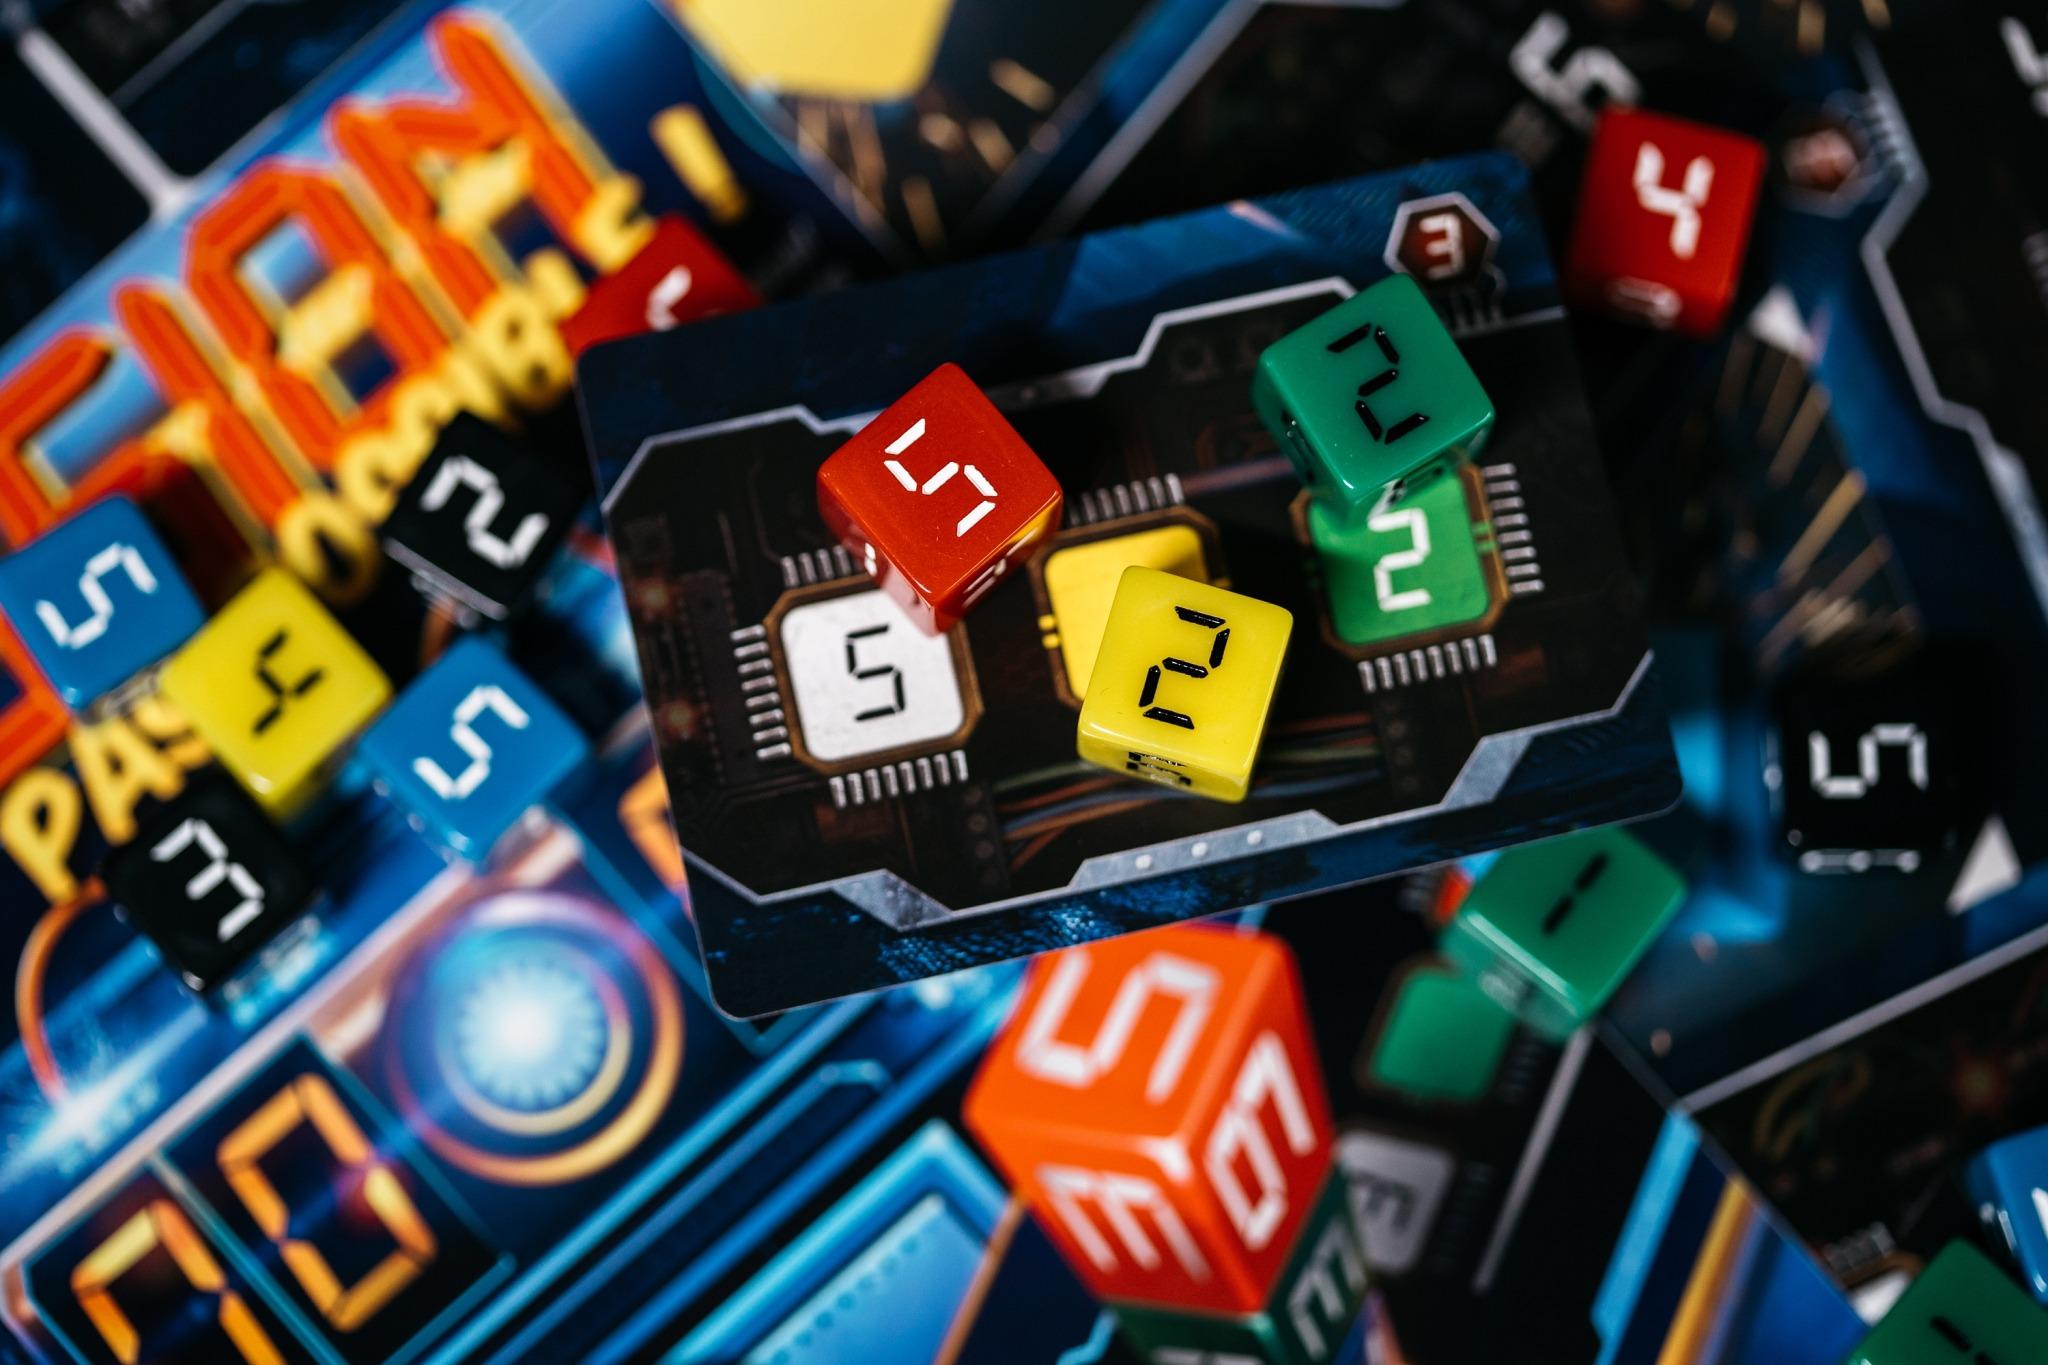 Mission pas possible origames jeu de société